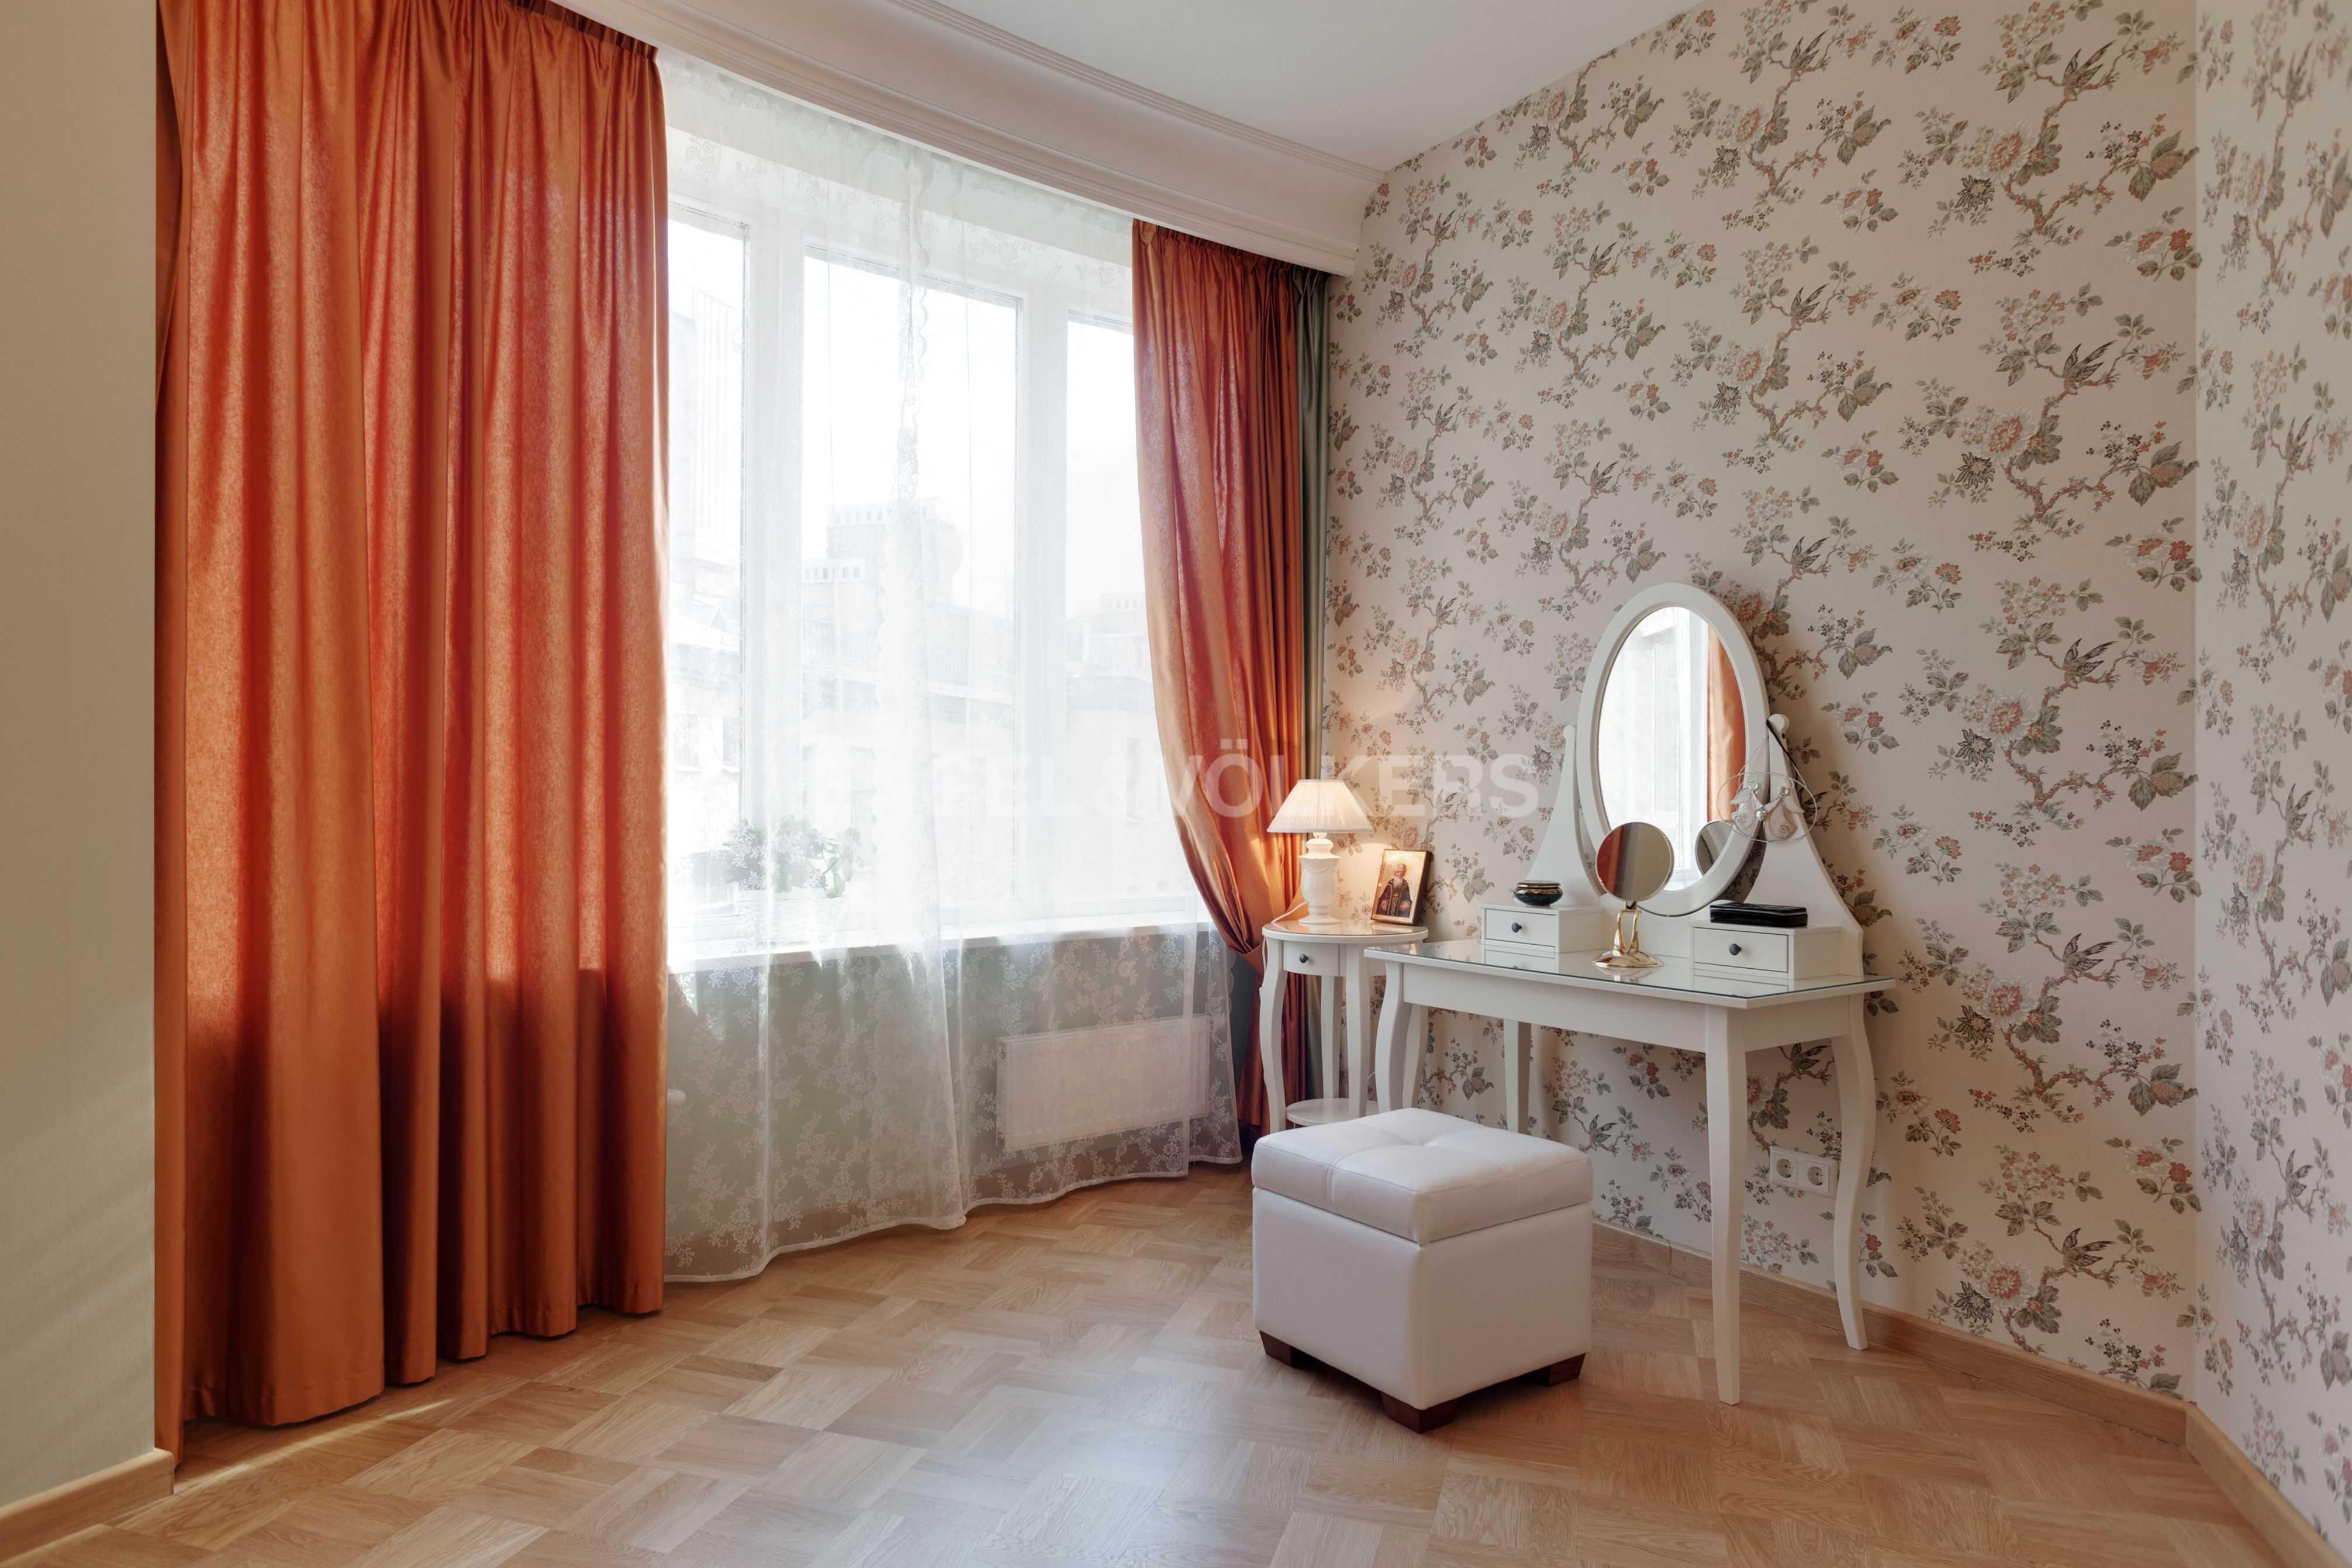 Элитные квартиры в Центральный р-н. Санкт-Петербург, Тверская ул., 1A . Спальня